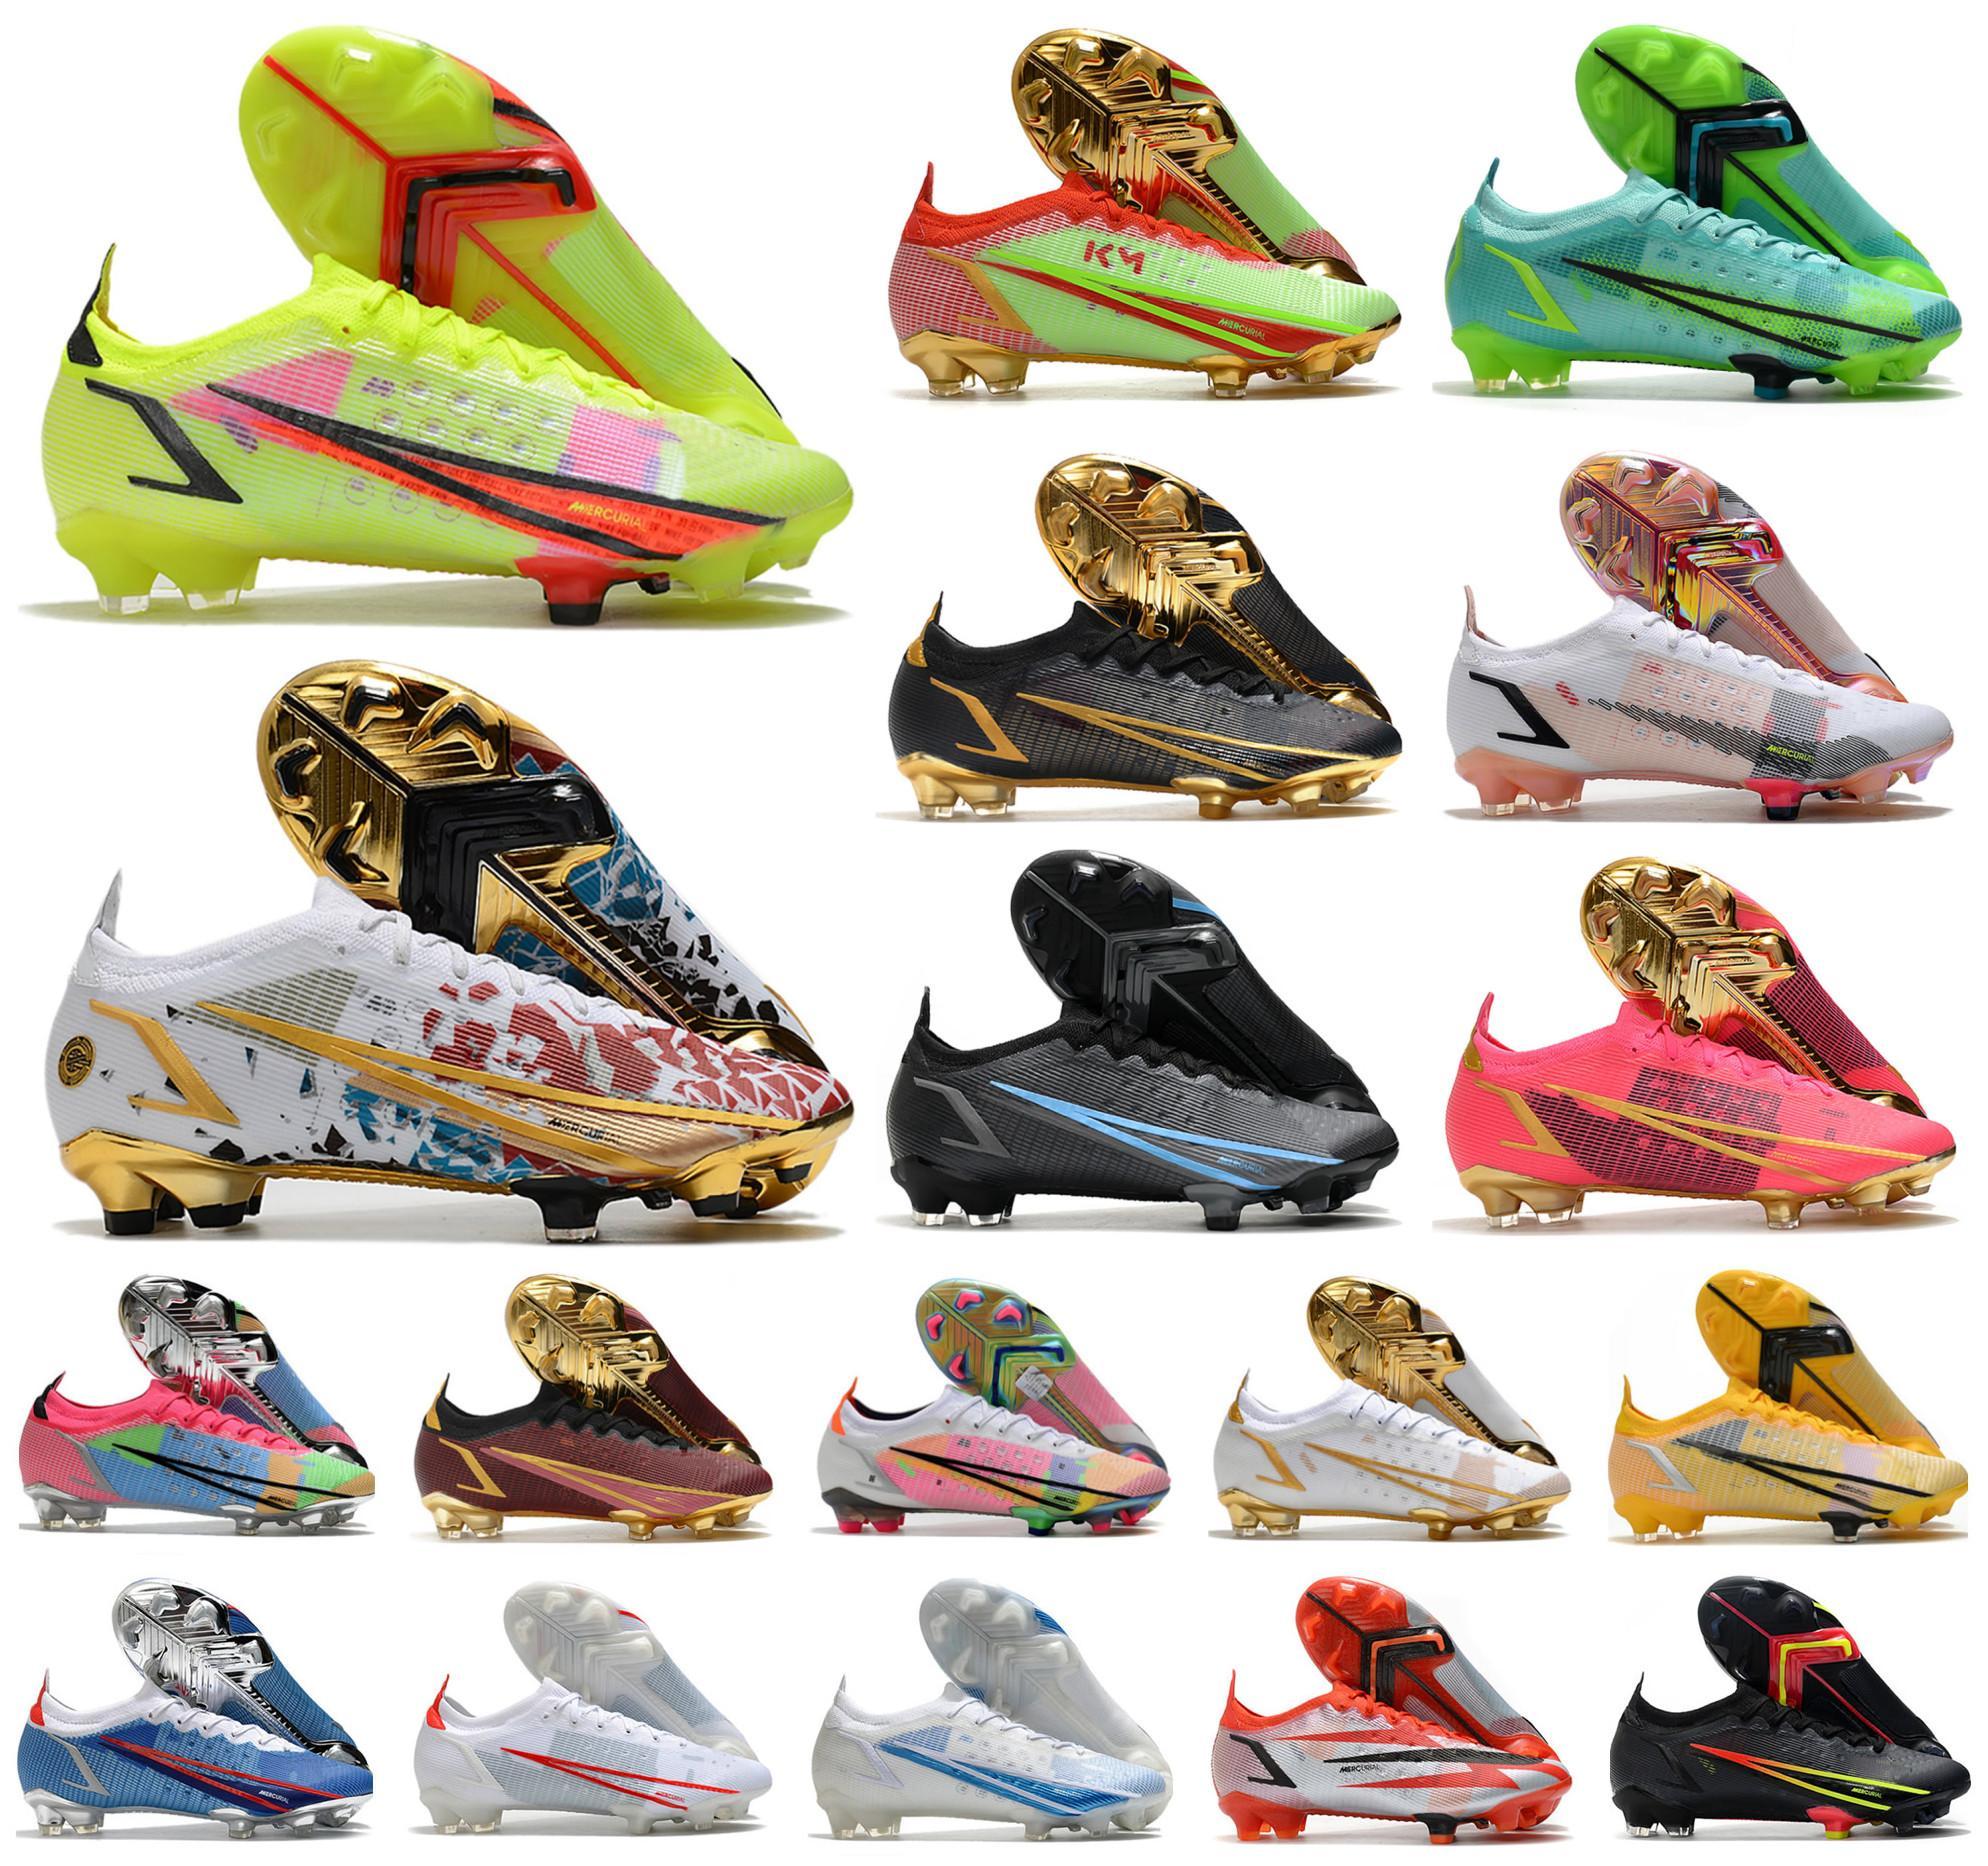 2021 Homens VA Pors Dragonfly XIV 14 360 Elite FG Soccer Shoes SE CR110 Ronaldo Km10 Nova temporada Rawdacious Impulse Pack Baixo Mulheres Crianças Futebol Botas Botas Tamanho 39-45